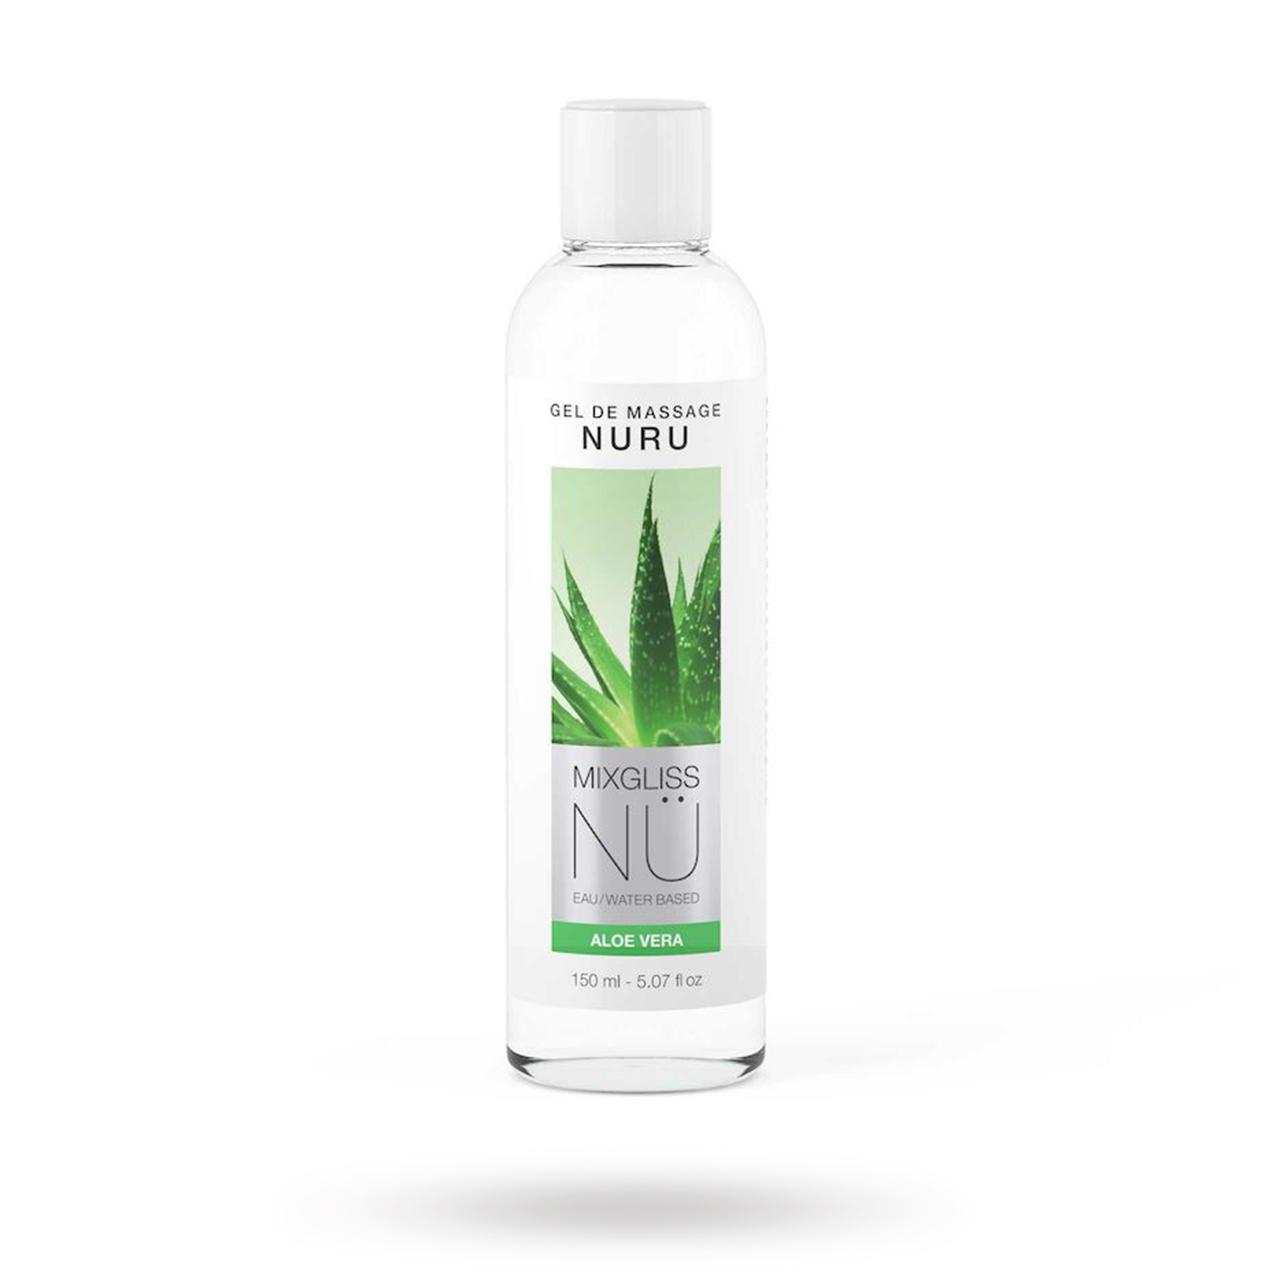 Nuru NU Aloe Vera - Vattenbaserad glidmedel | GLIDMEDEL ETC., GLIDMEDEL, Vattenbaserade glidmedel | Intimast.se - Sexleksaker